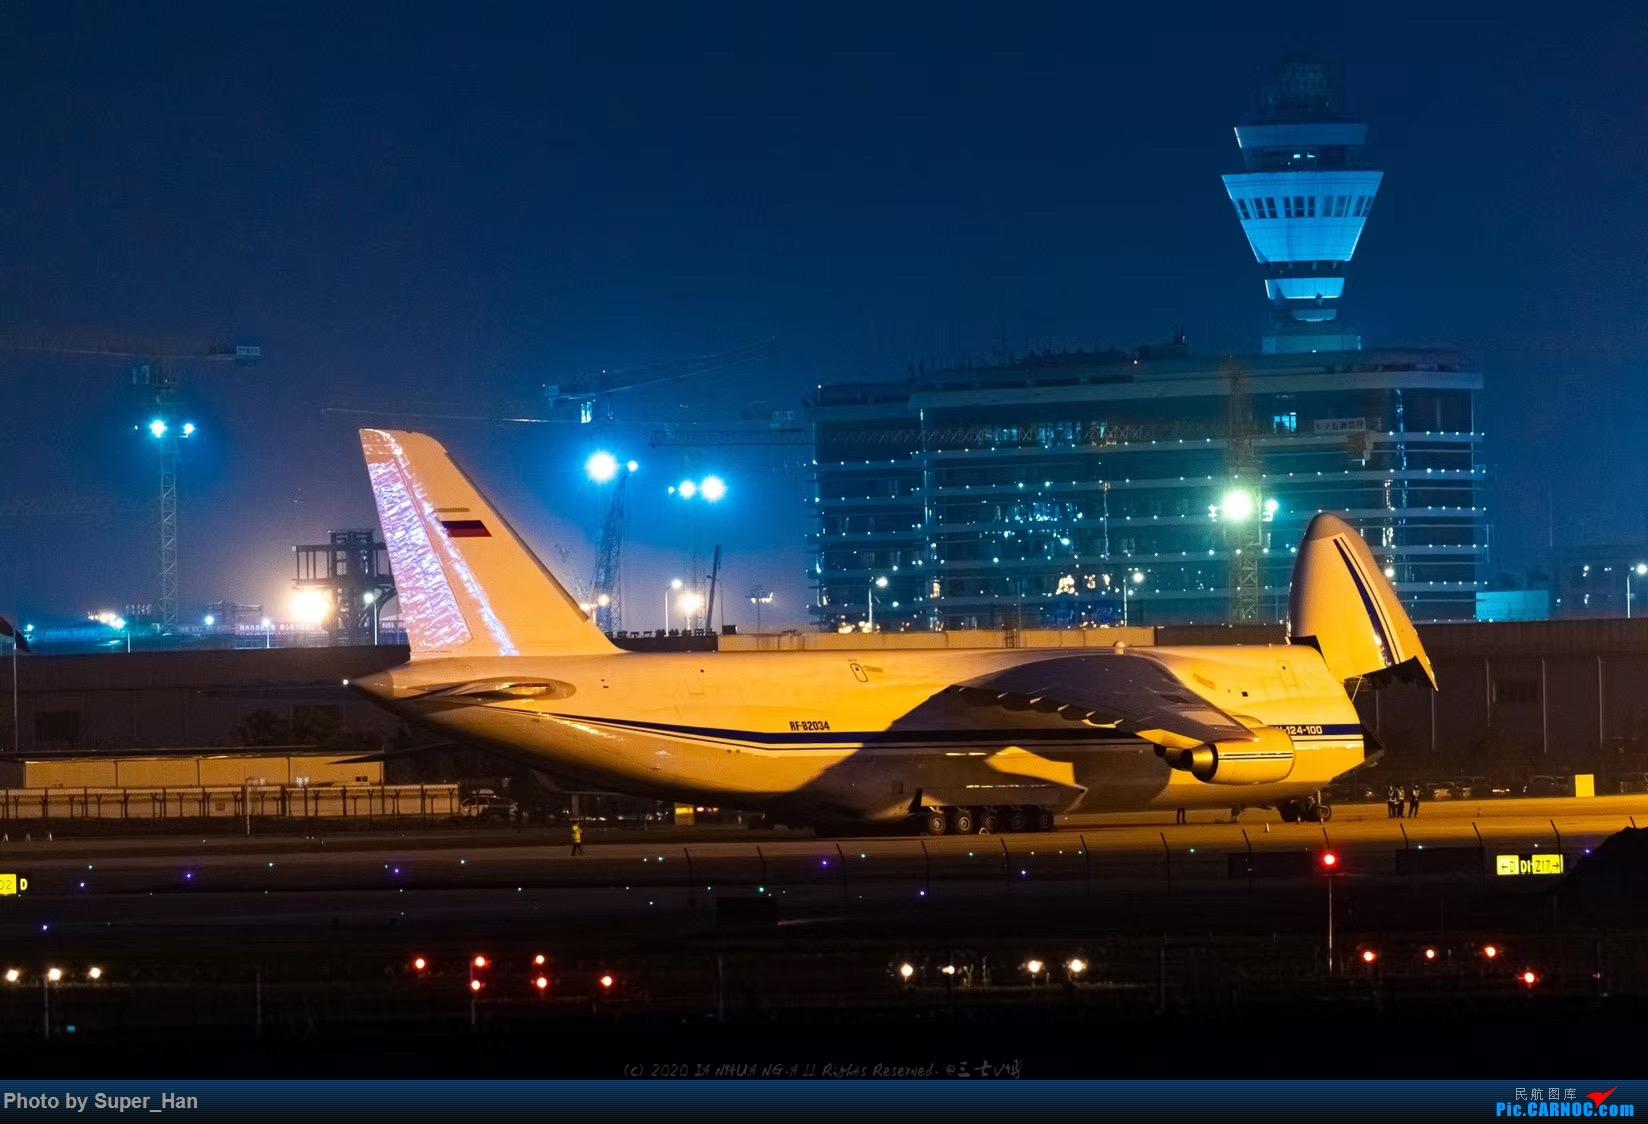 Re:[原创]【杭州飞友会】疫情之下 AN-124  中国杭州萧山国际机场